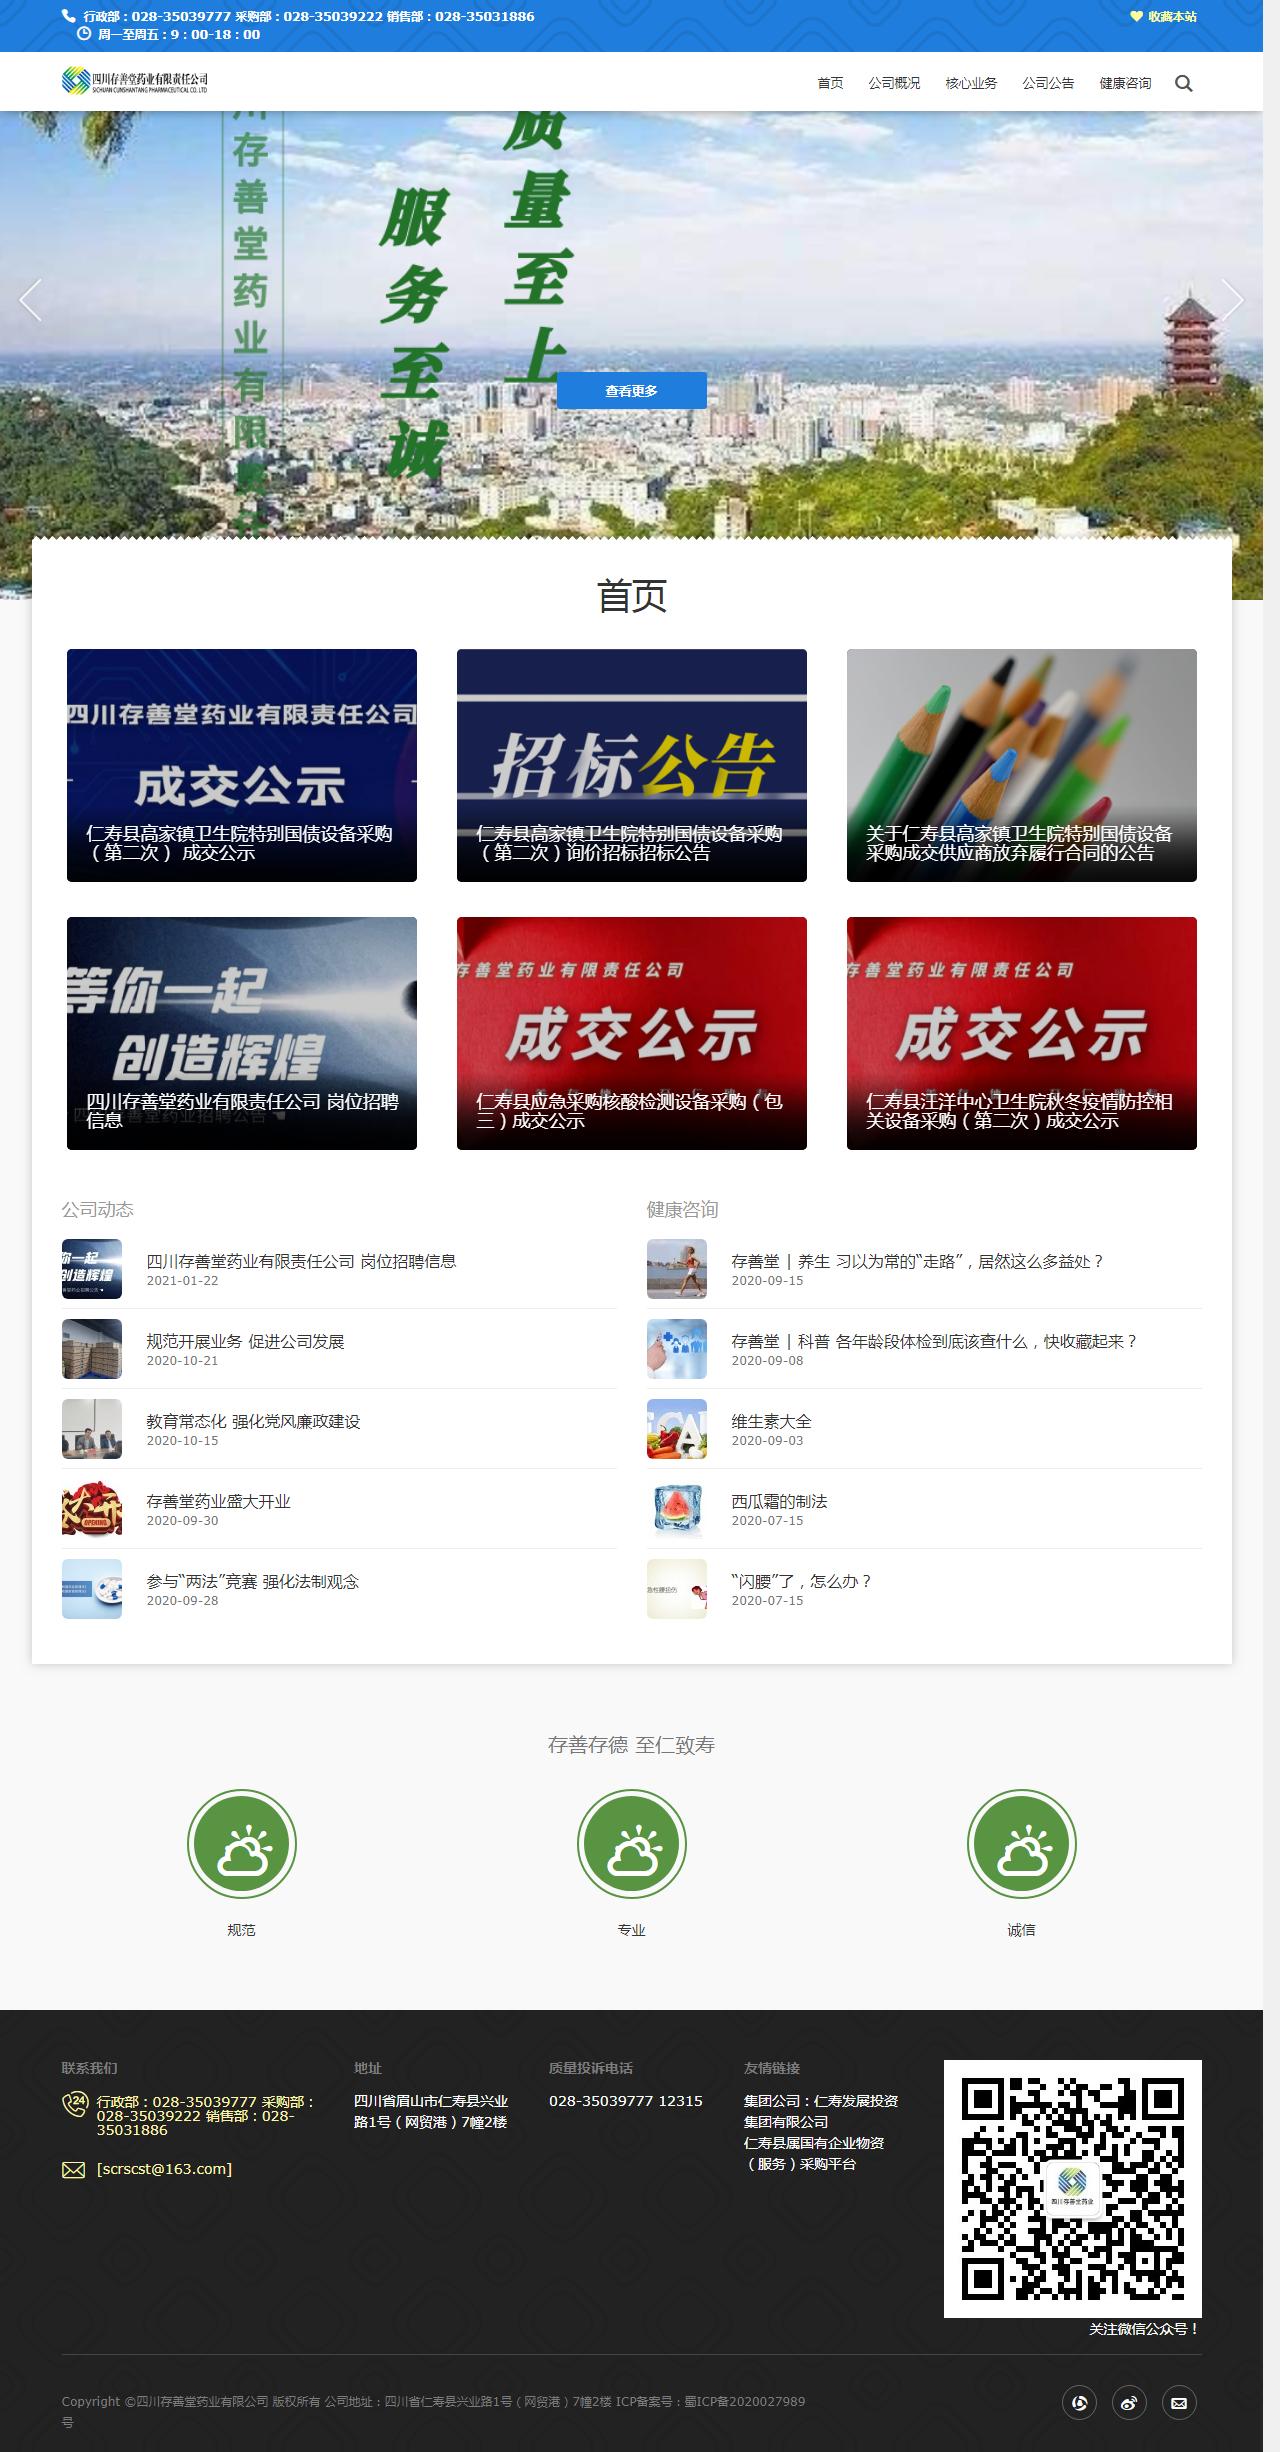 丰荣-V1.3.5稳定版—响应式wordpress企业模板,wordpress模板,公司网站模板,企业通用